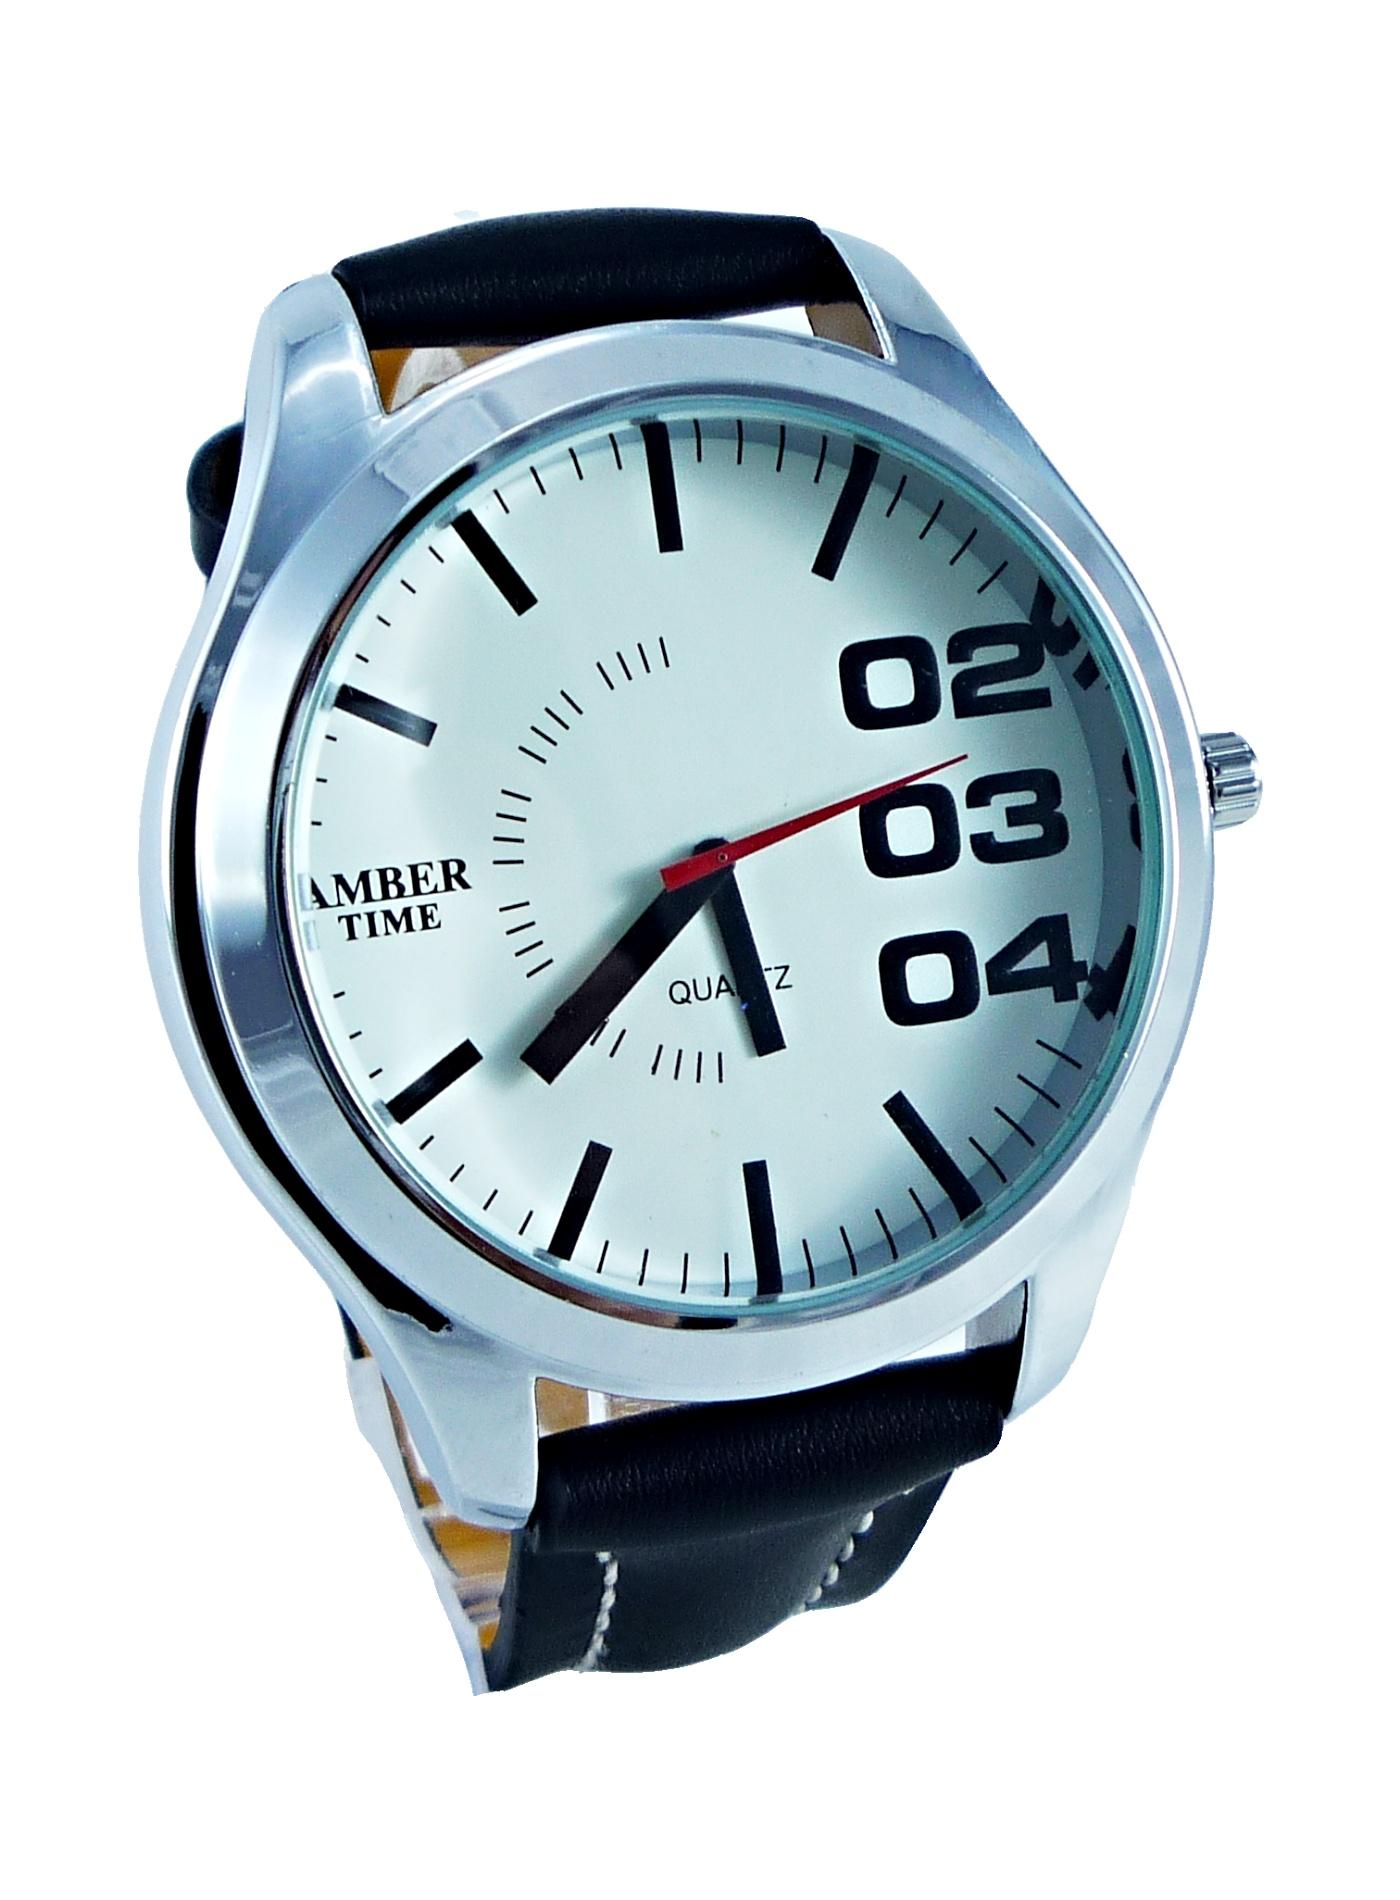 Pánské kožené hodinky AMBER Time černé 077P